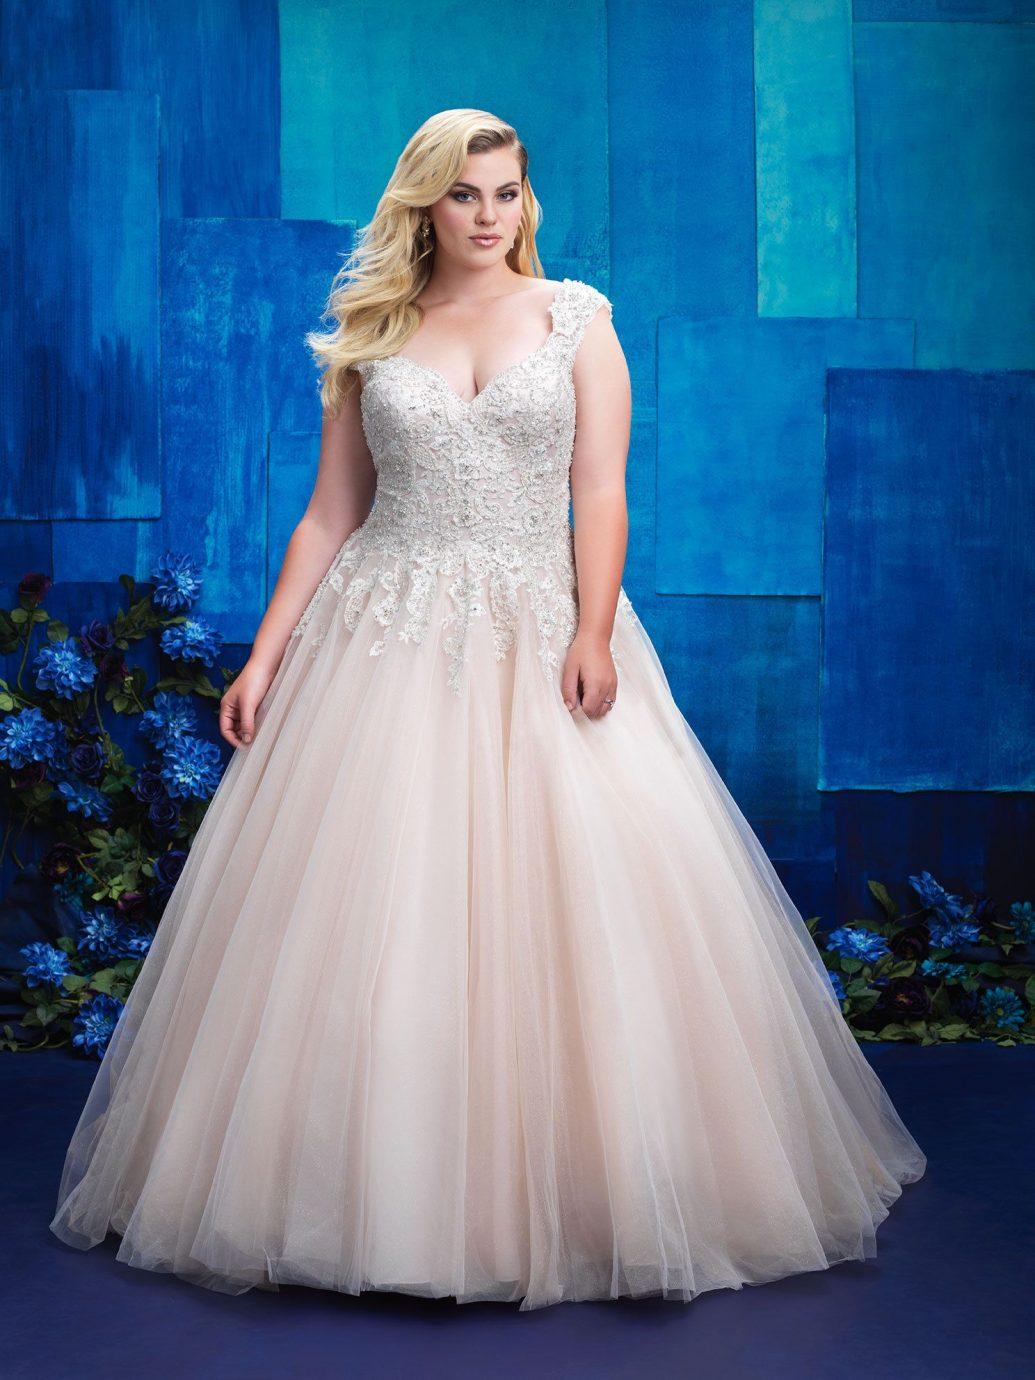 Allure Bridals hercegnős fazonú esküvői ruha, nagy méretben.